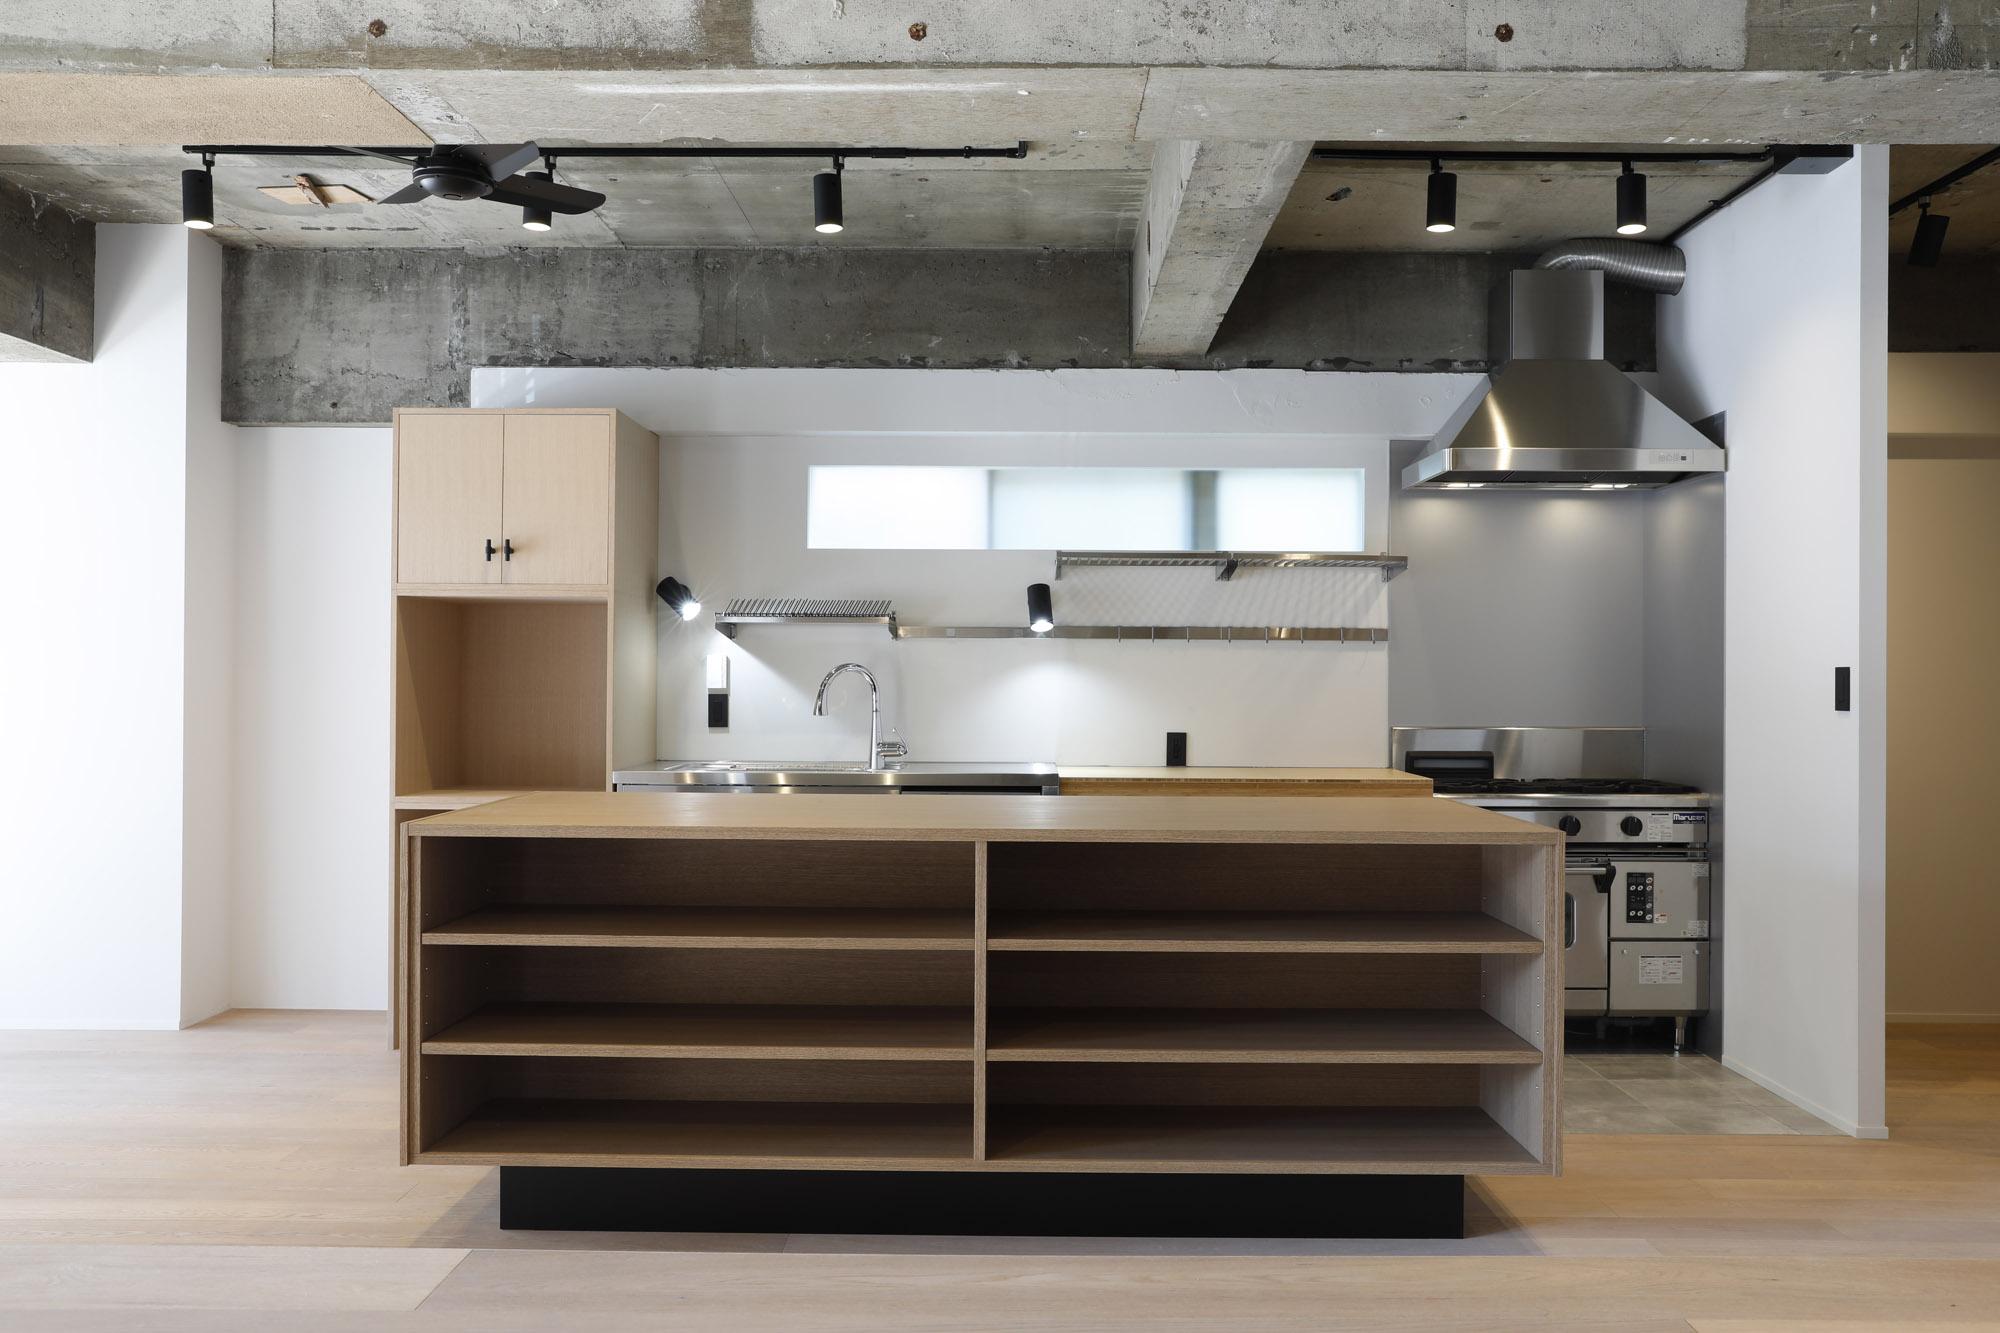 料理教室の先生でもあるお施主様。大きな造作カウンターが料理教室にぴったり!